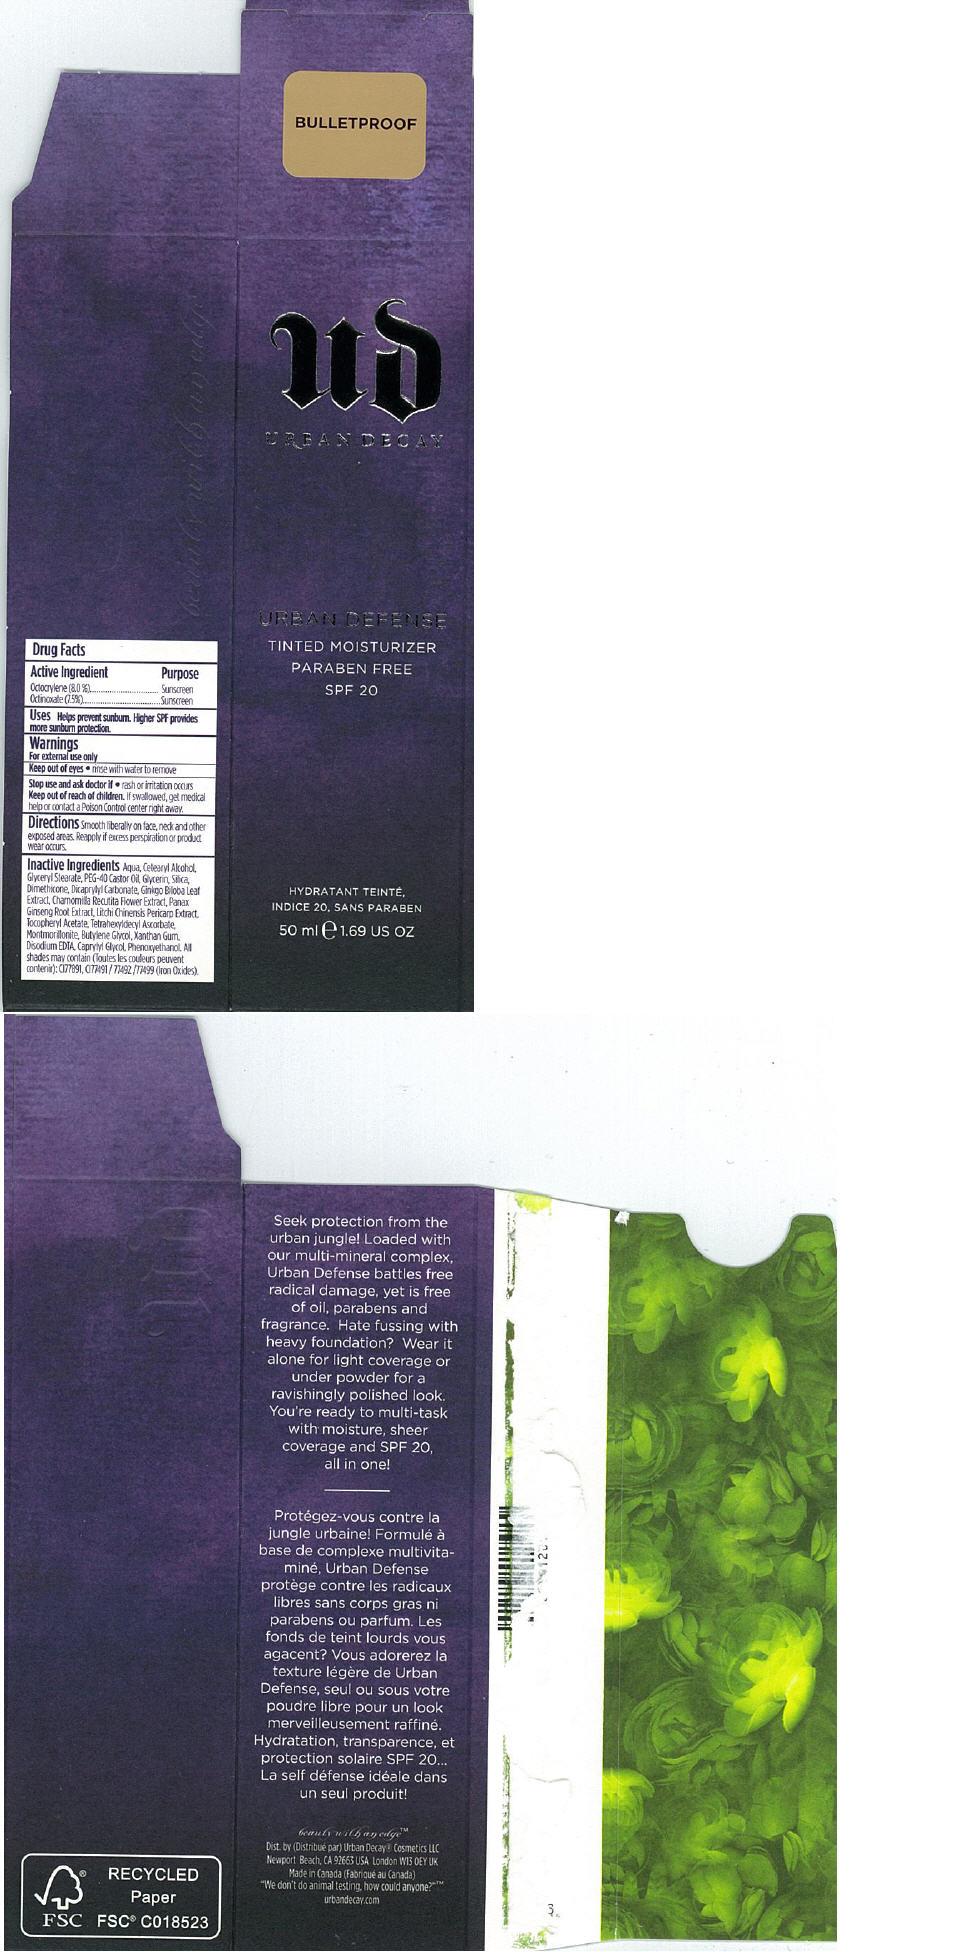 Principal Display Panel -  50 ml BULLETPROOF Carton